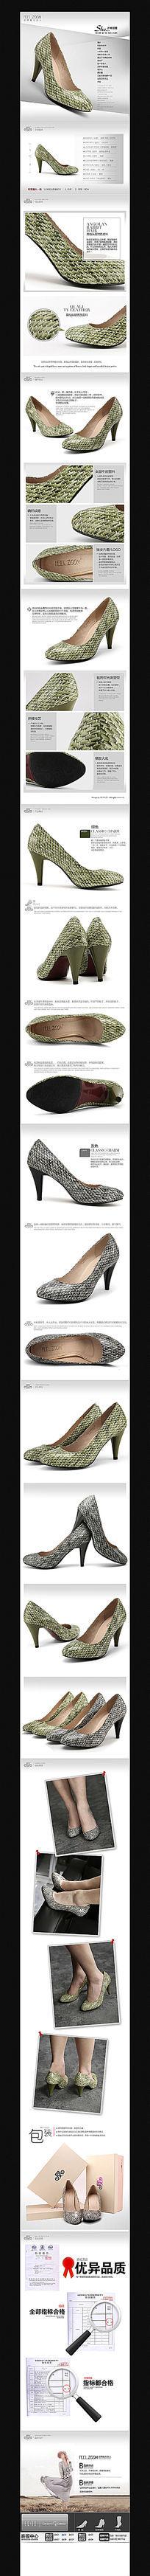 淘宝女士高跟鞋详情页细节PSD素材